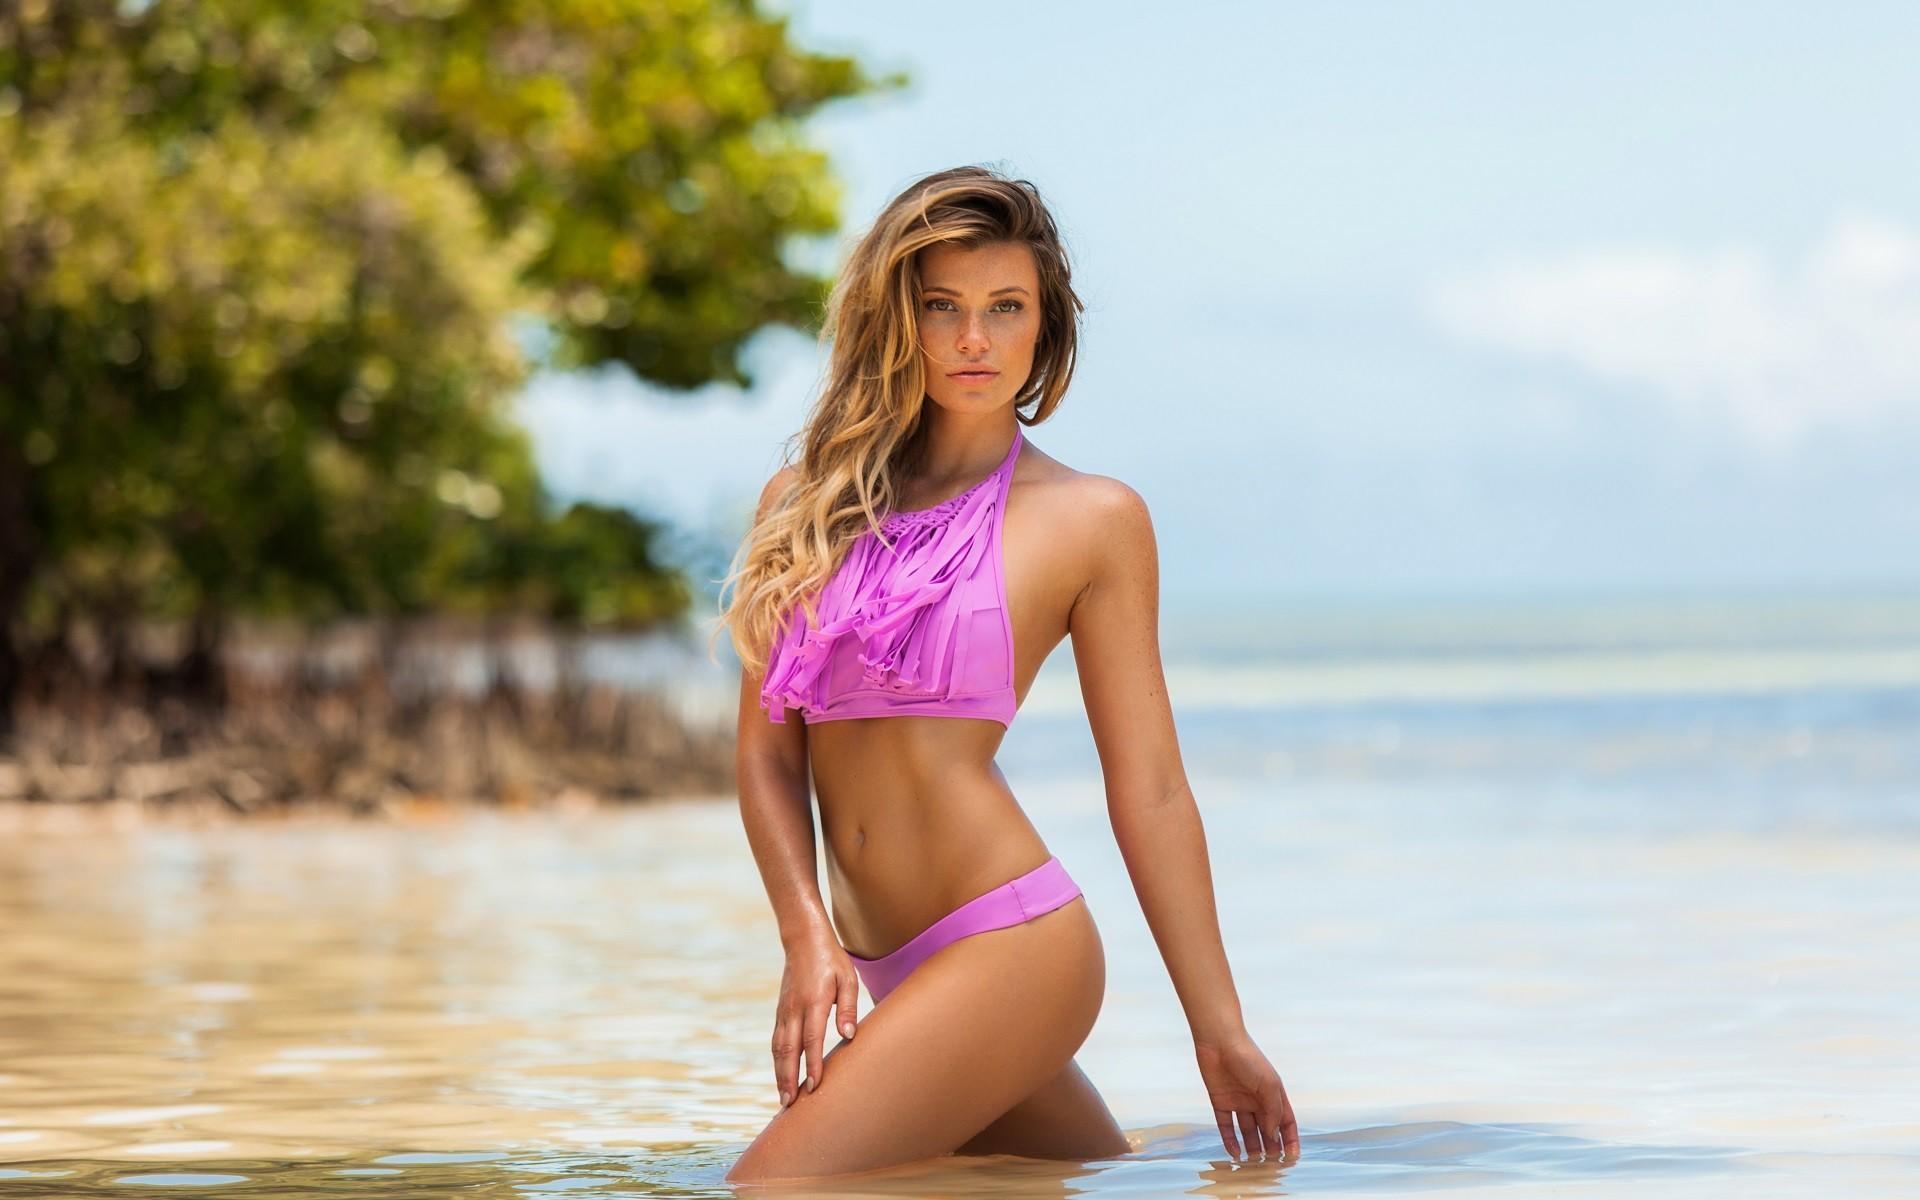 Girl dioguardi bikini